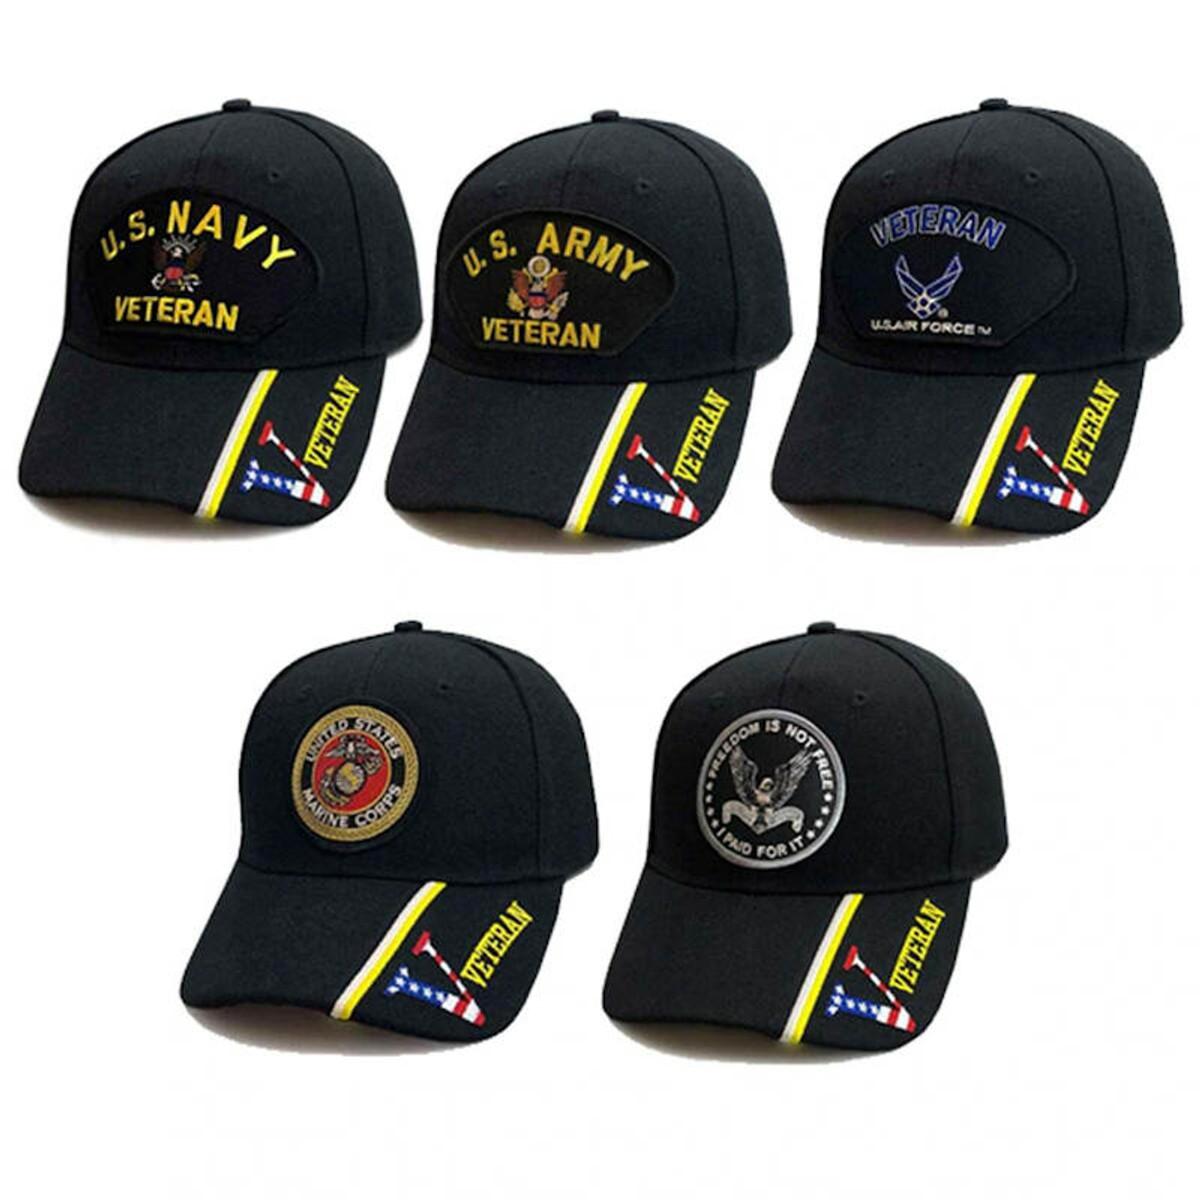 Army Navy Air Force Marines Coast Guard Hats